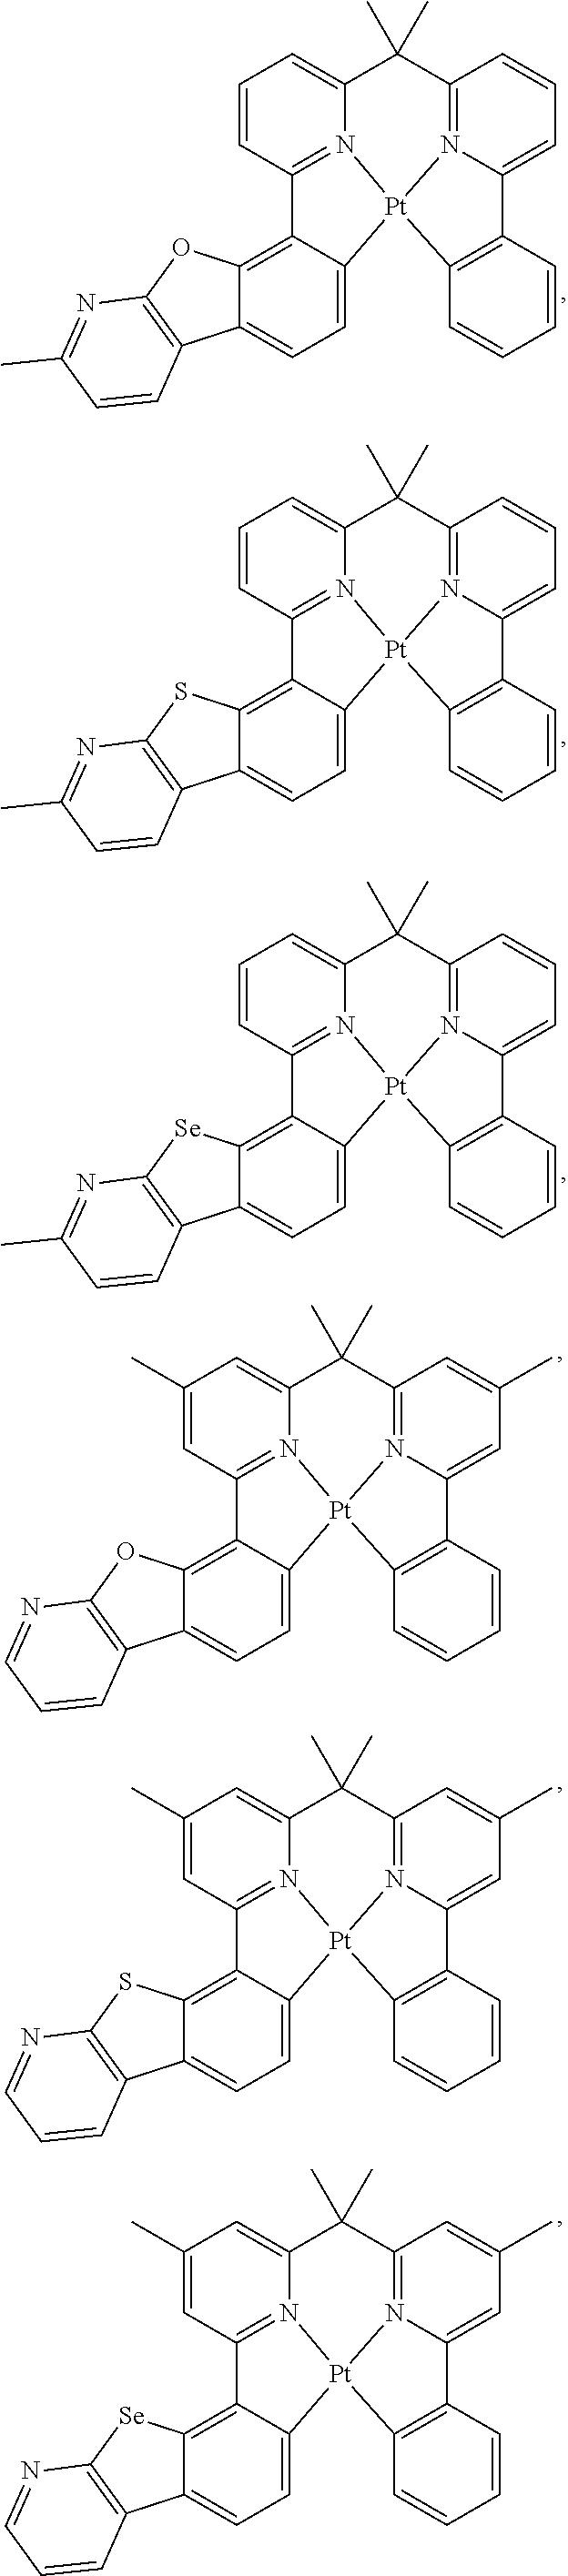 Figure US09871214-20180116-C00009